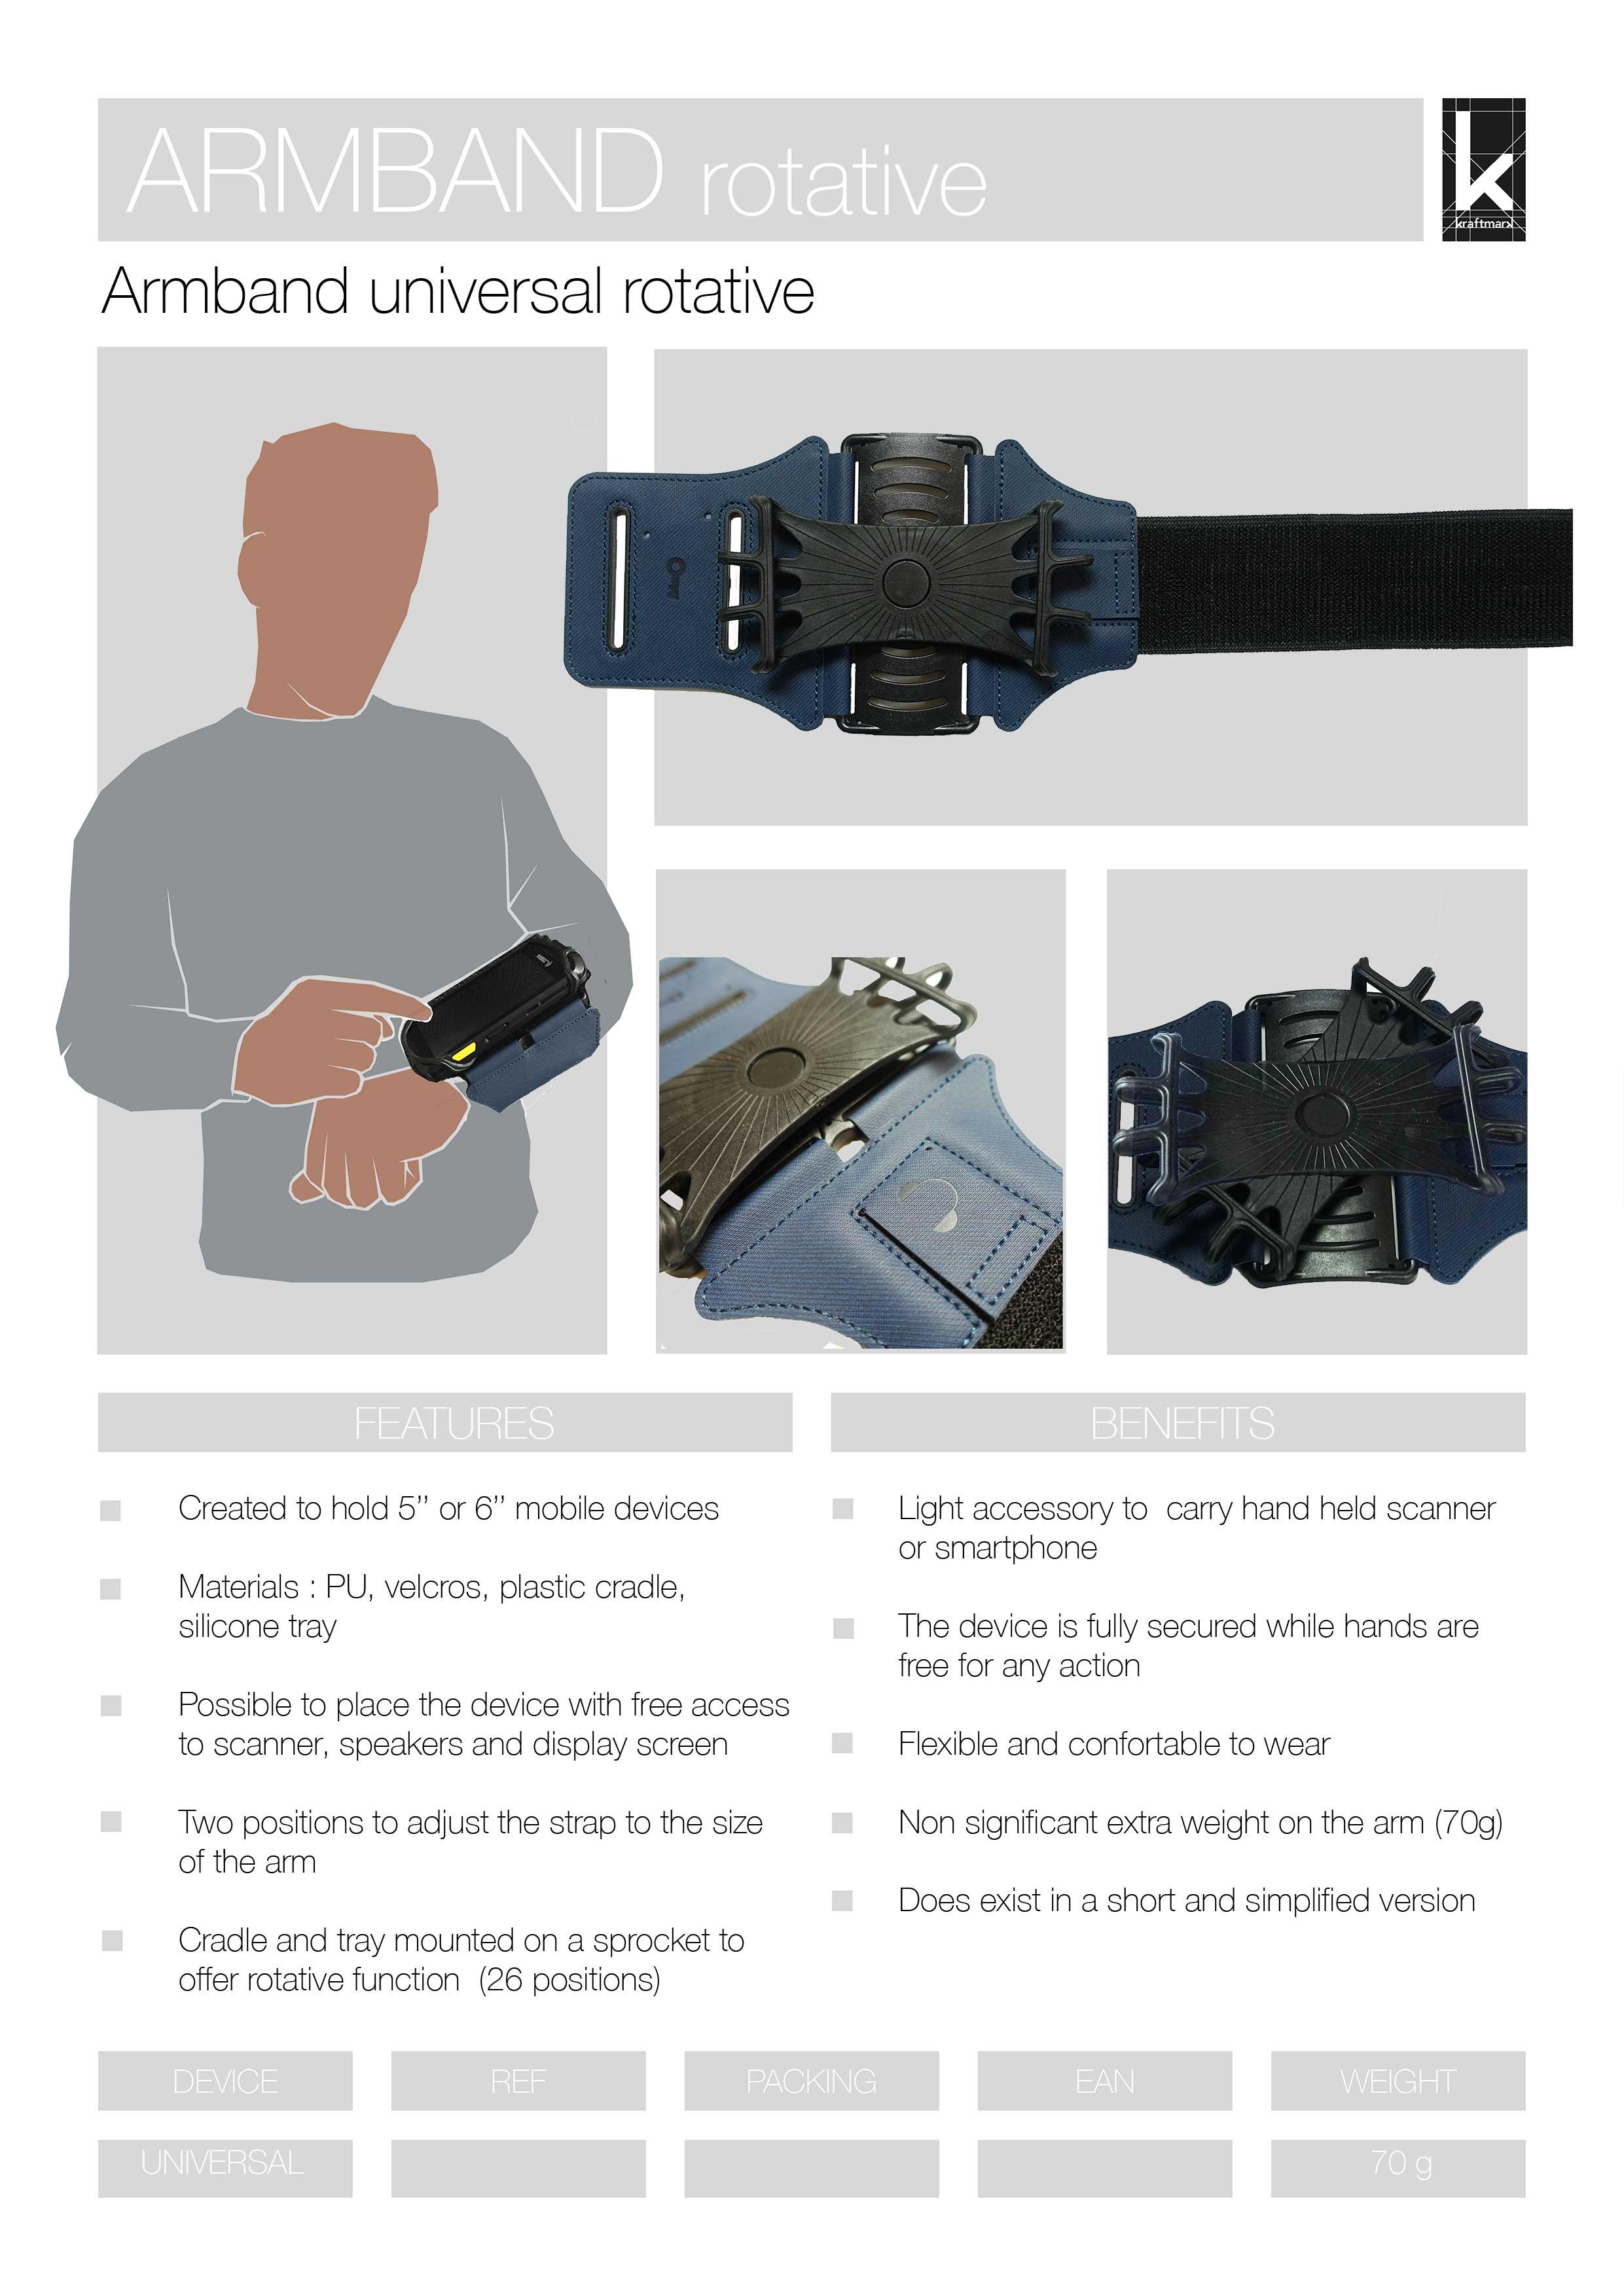 Armband rotative